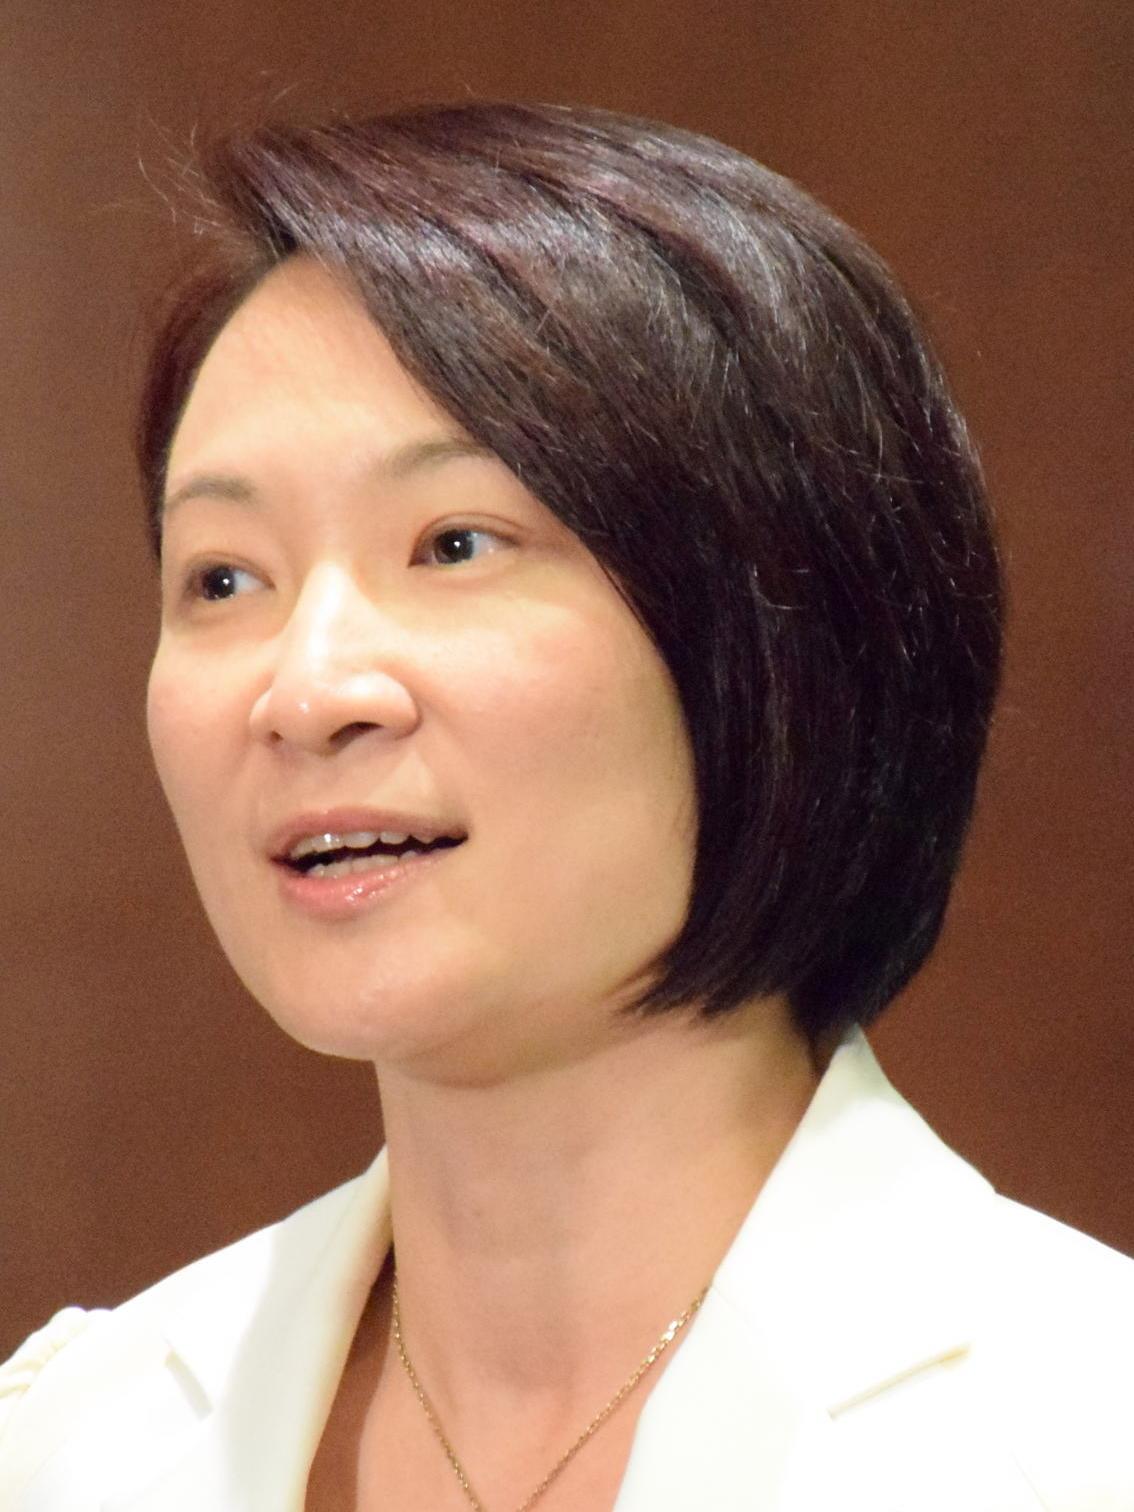 Hong Kong legislative election 2016